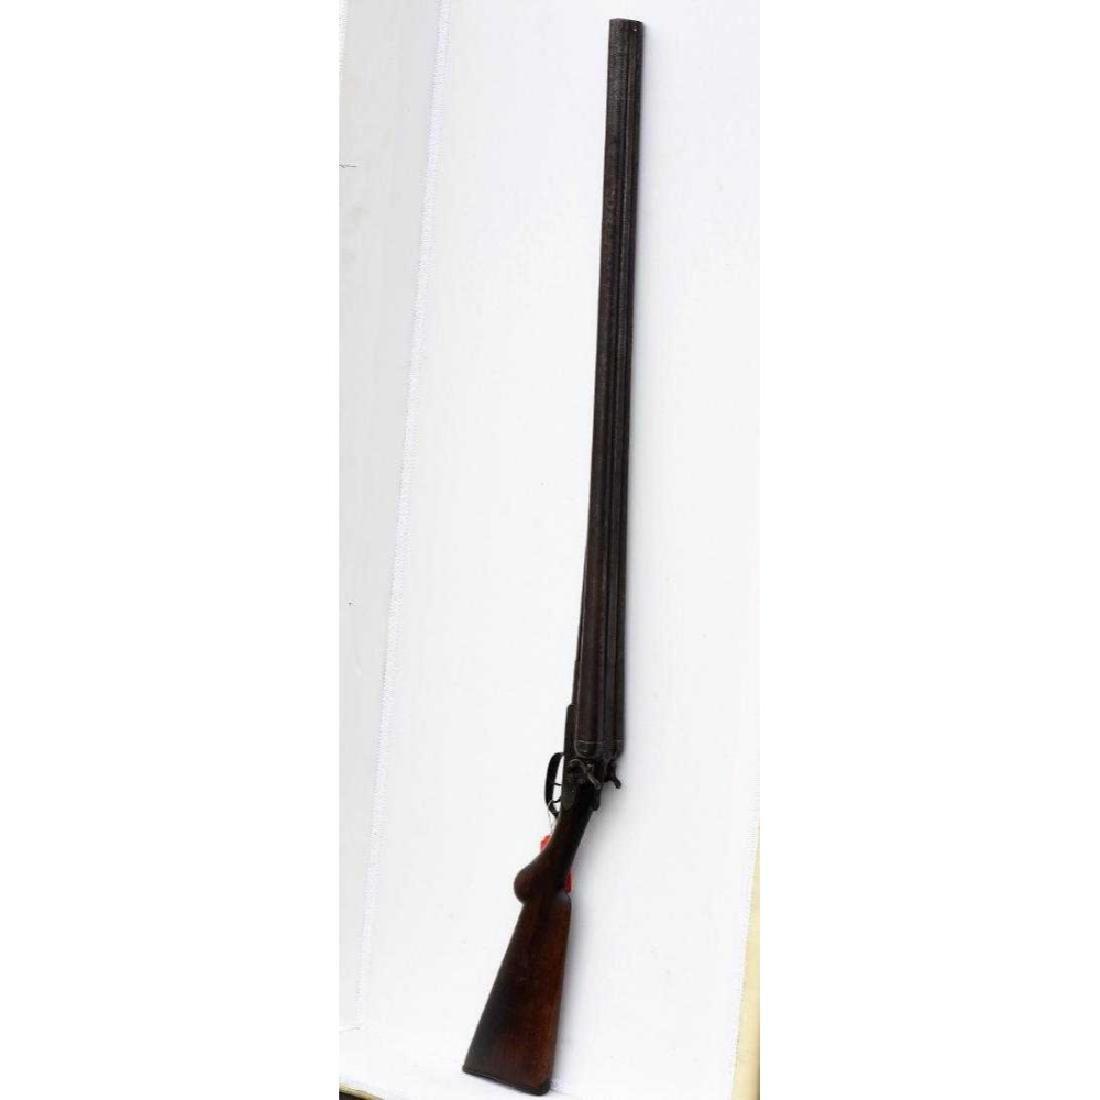 Remington 10 Gauge 1889 Arms Co. Double Barrel